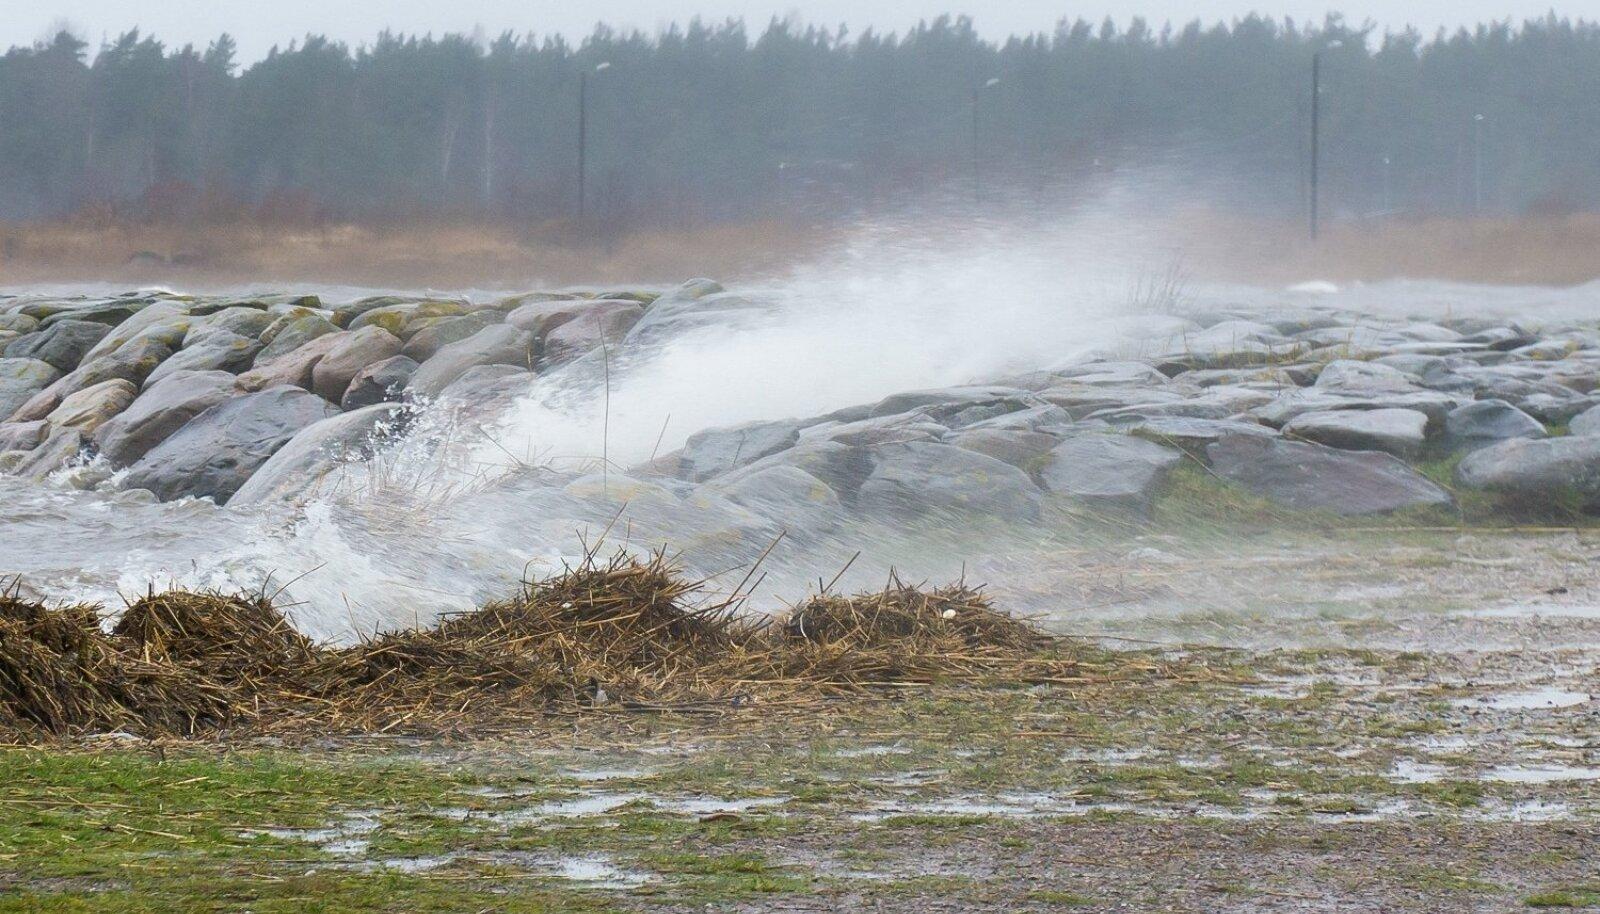 Torm Saaremaal, kõre veetase, tugev tuul